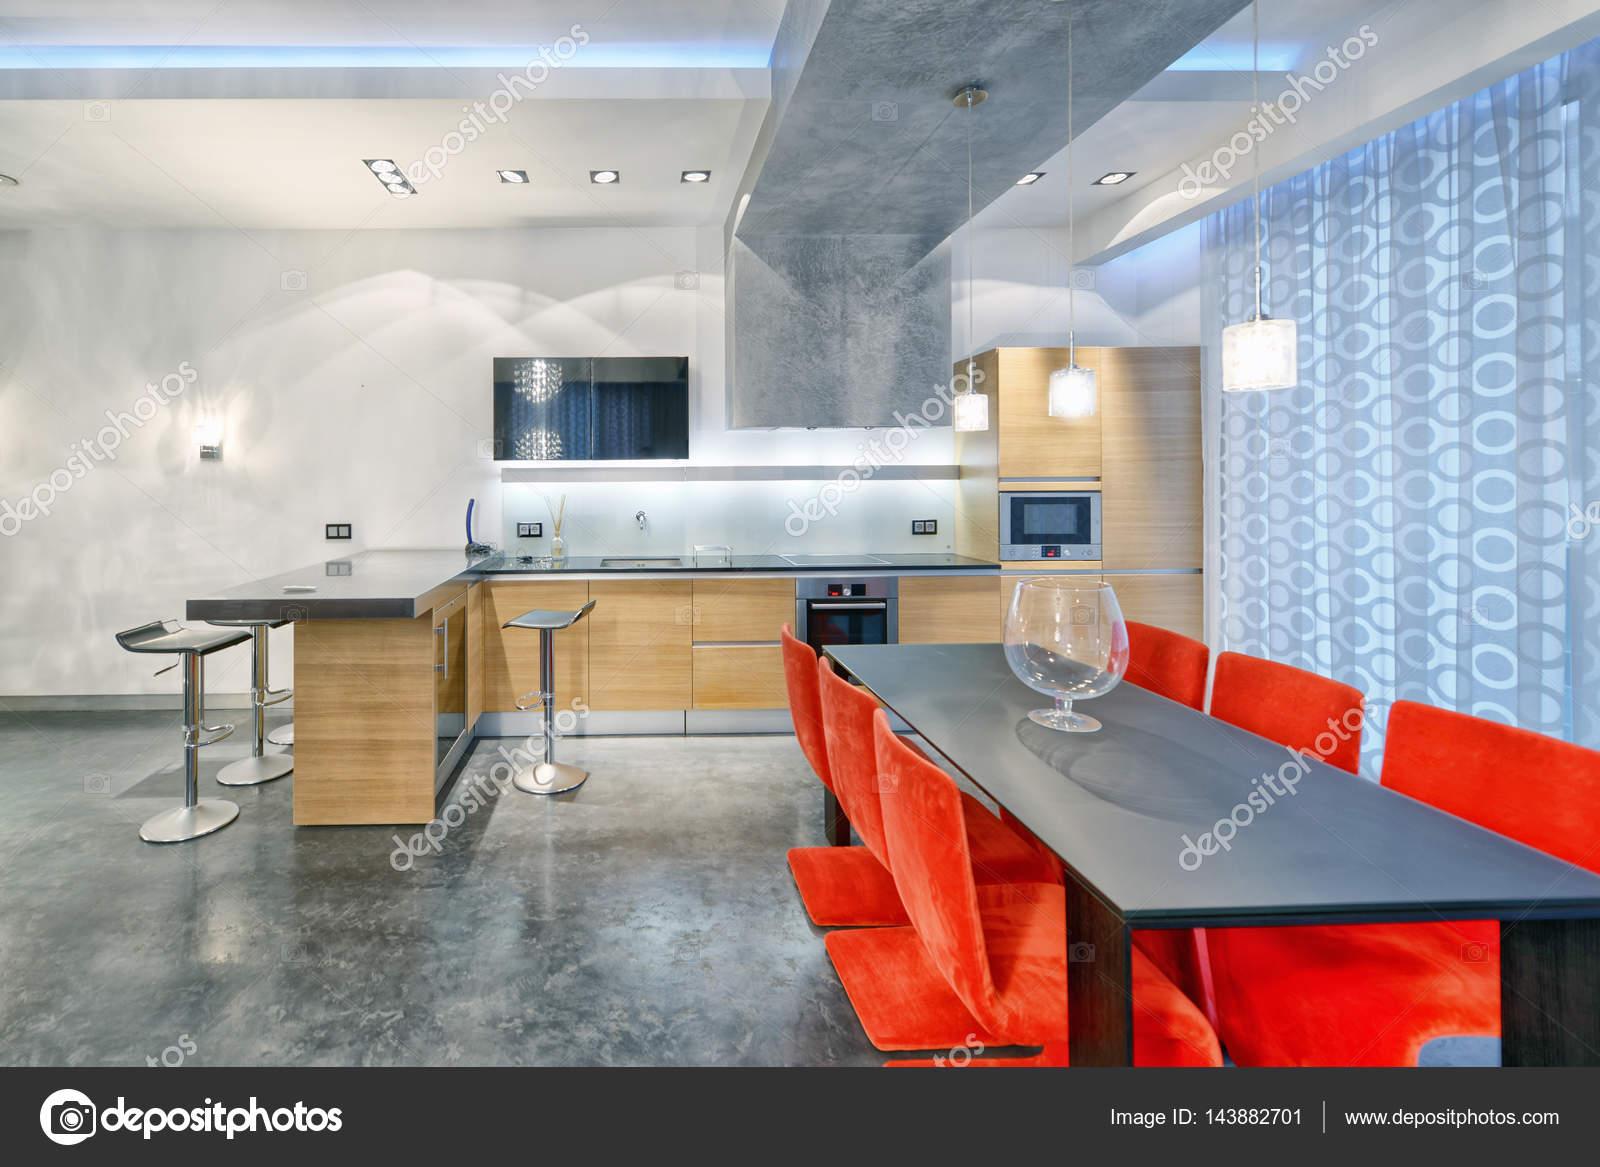 Afbeeldingen Design Keukens : Interieur design keuken woonkamer in luxe nieuw appartement